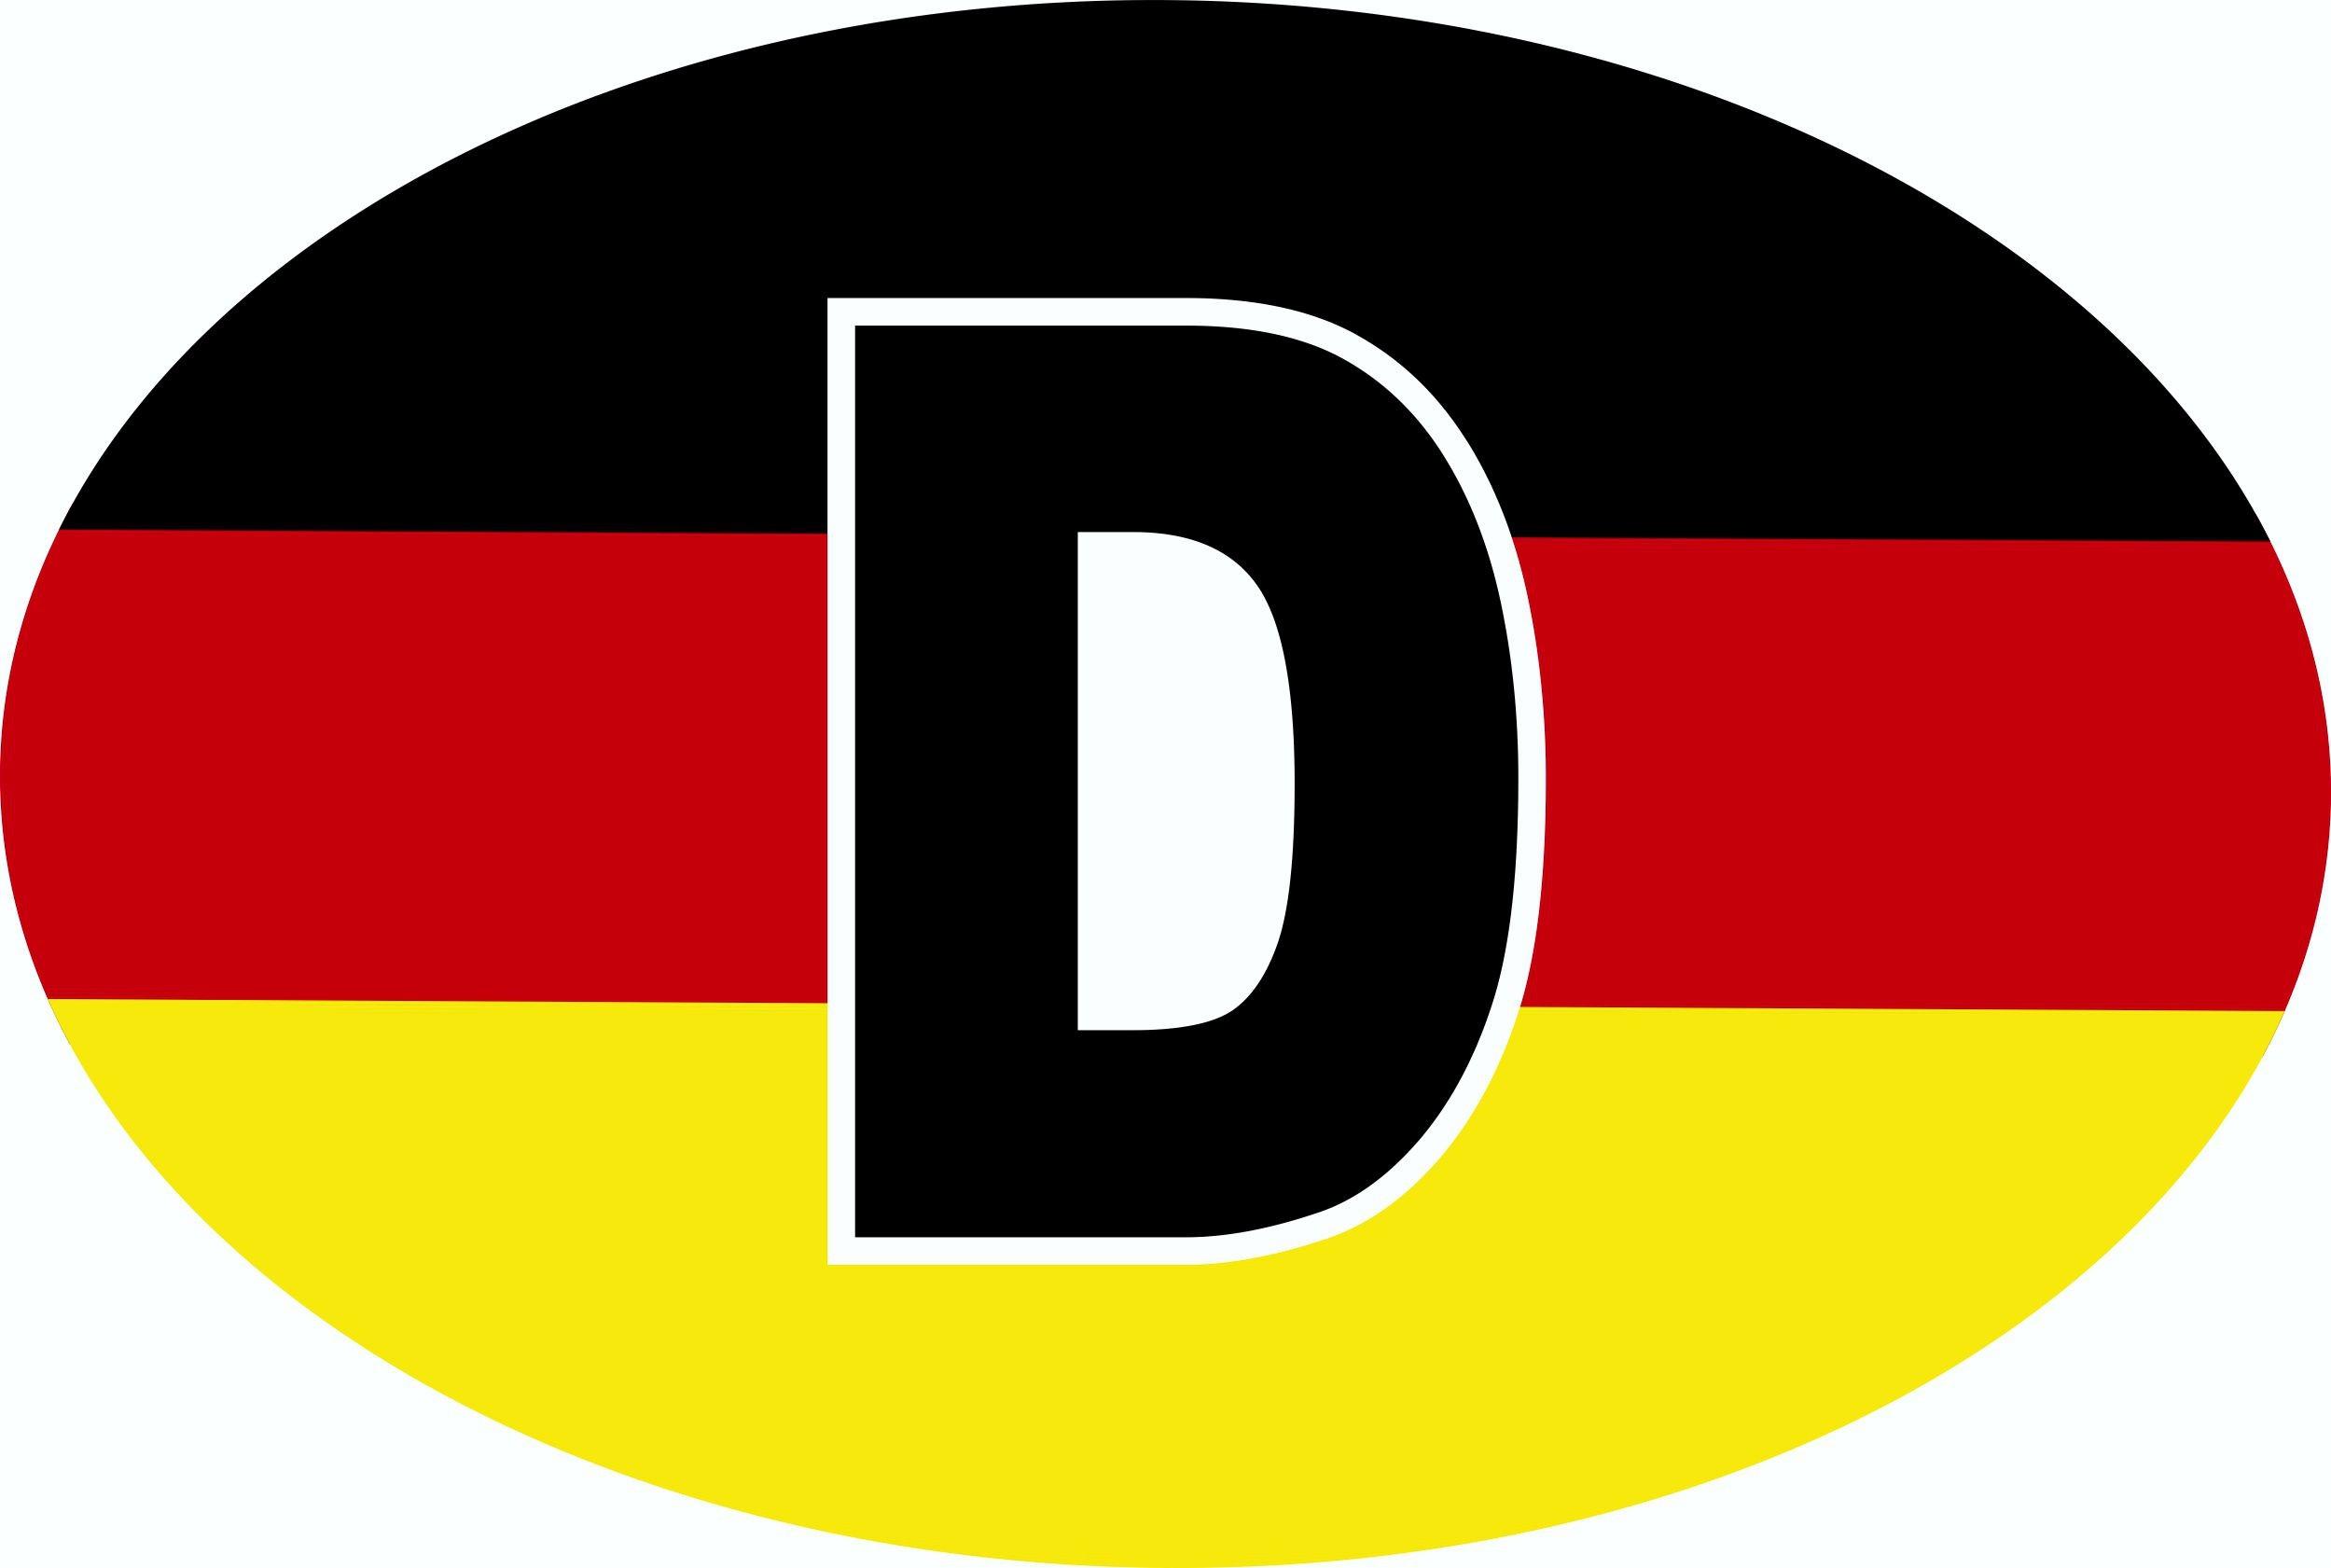 Aufkleber Deutschland-D schwarz-rot-gelb Dimension 50 x 75 mm Deutschland Fanartikel Olympia – Bild 1